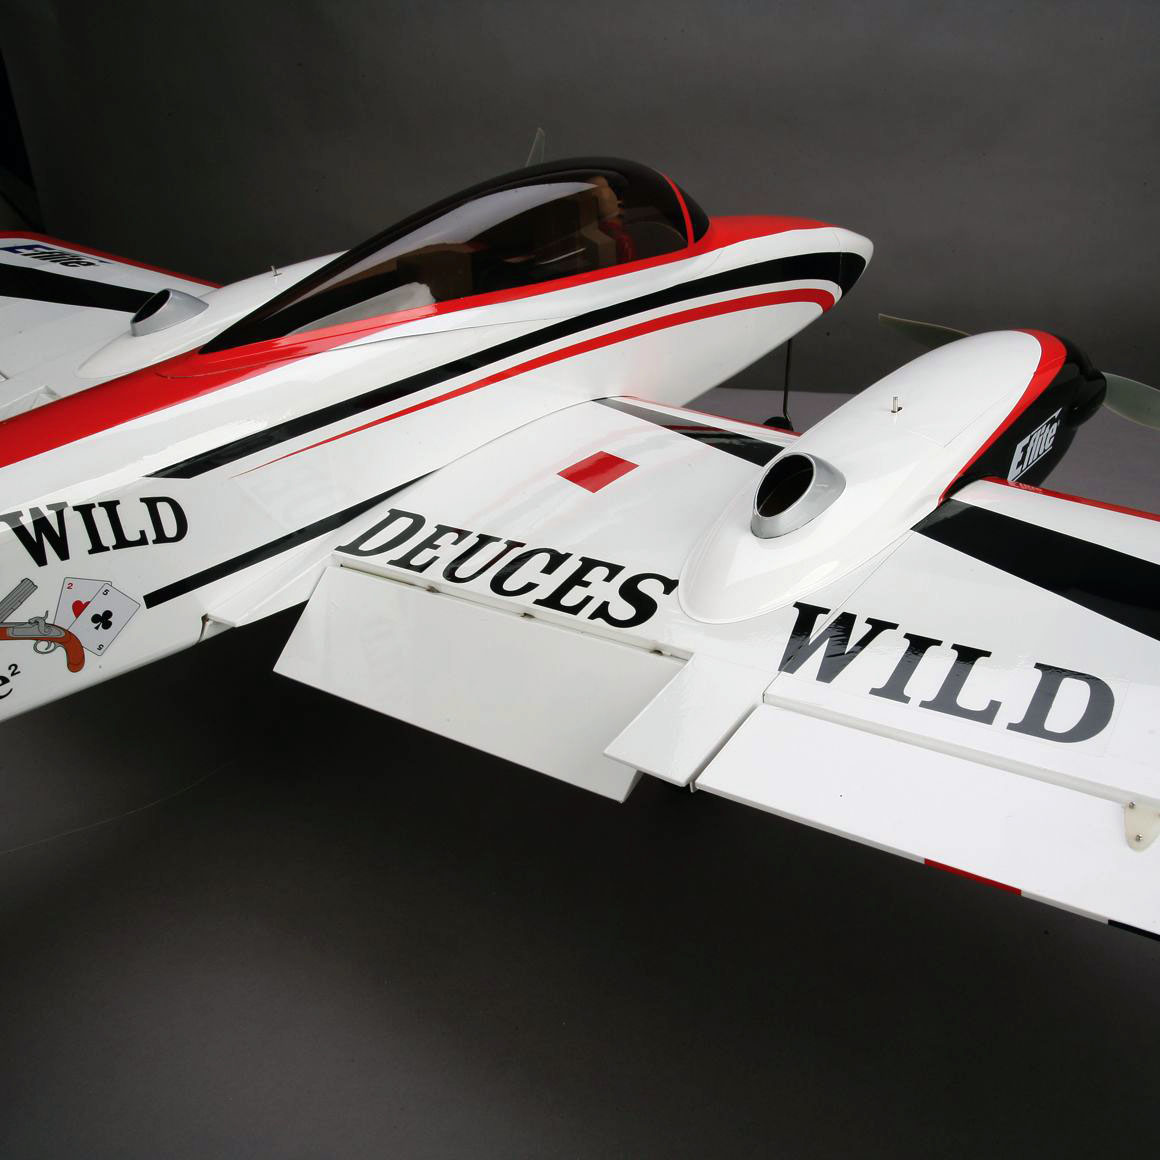 Deuces Wild 25e2 E-flite